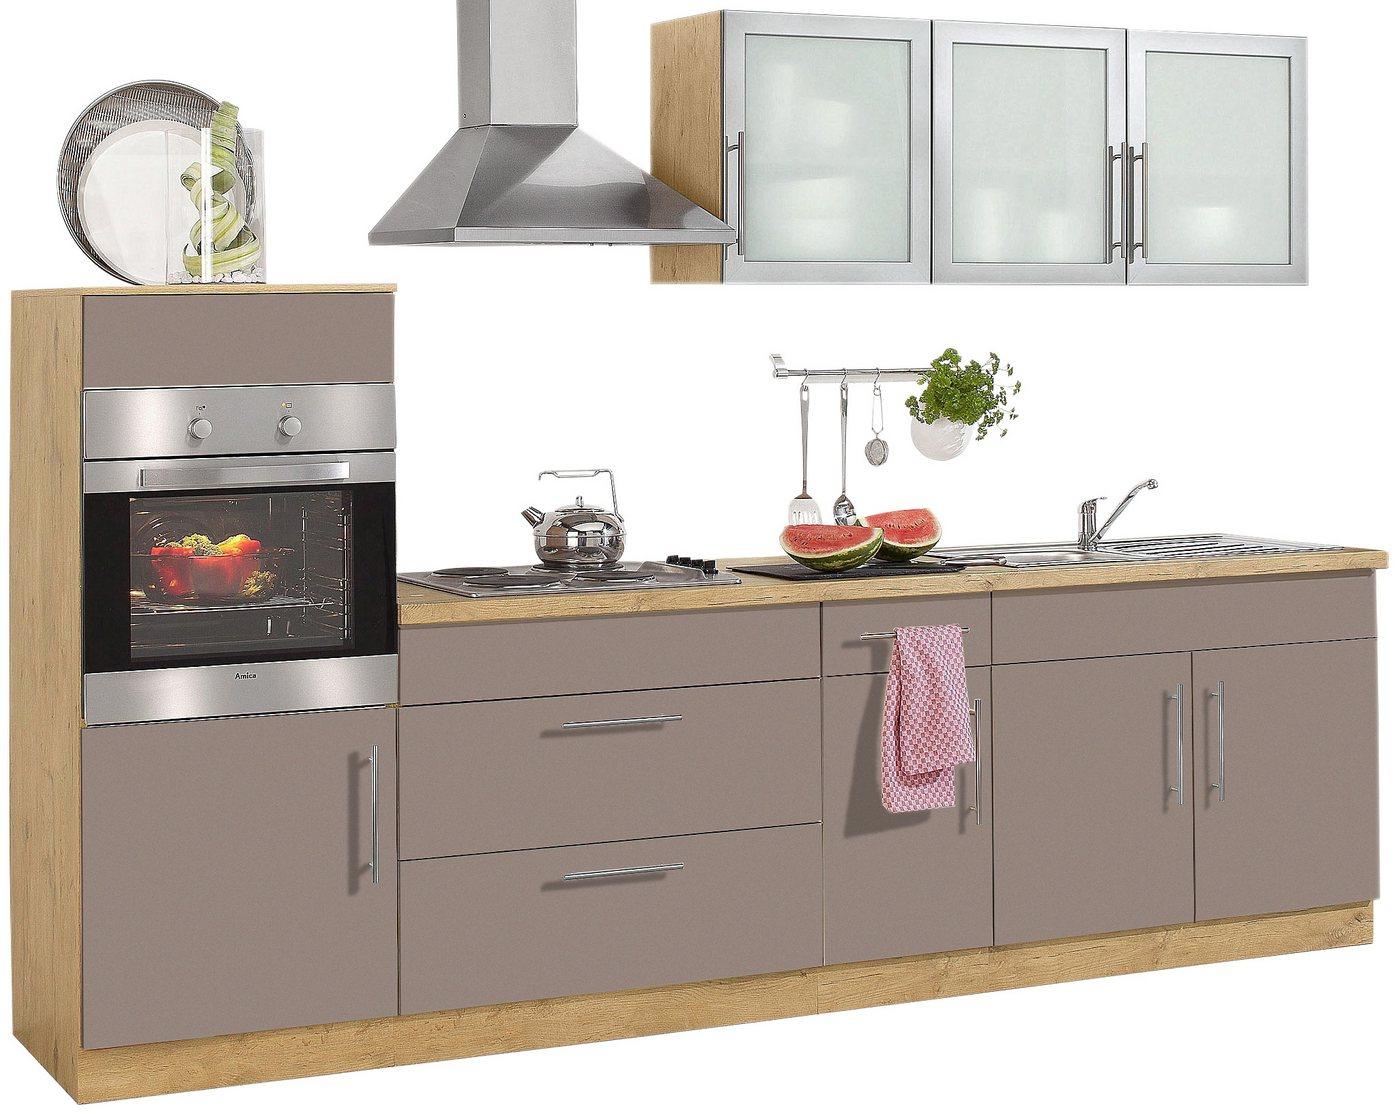 wiho k chen k chenzeile aachen mit e ger ten breite 300 cm mit metallgriffen gelb mit. Black Bedroom Furniture Sets. Home Design Ideas